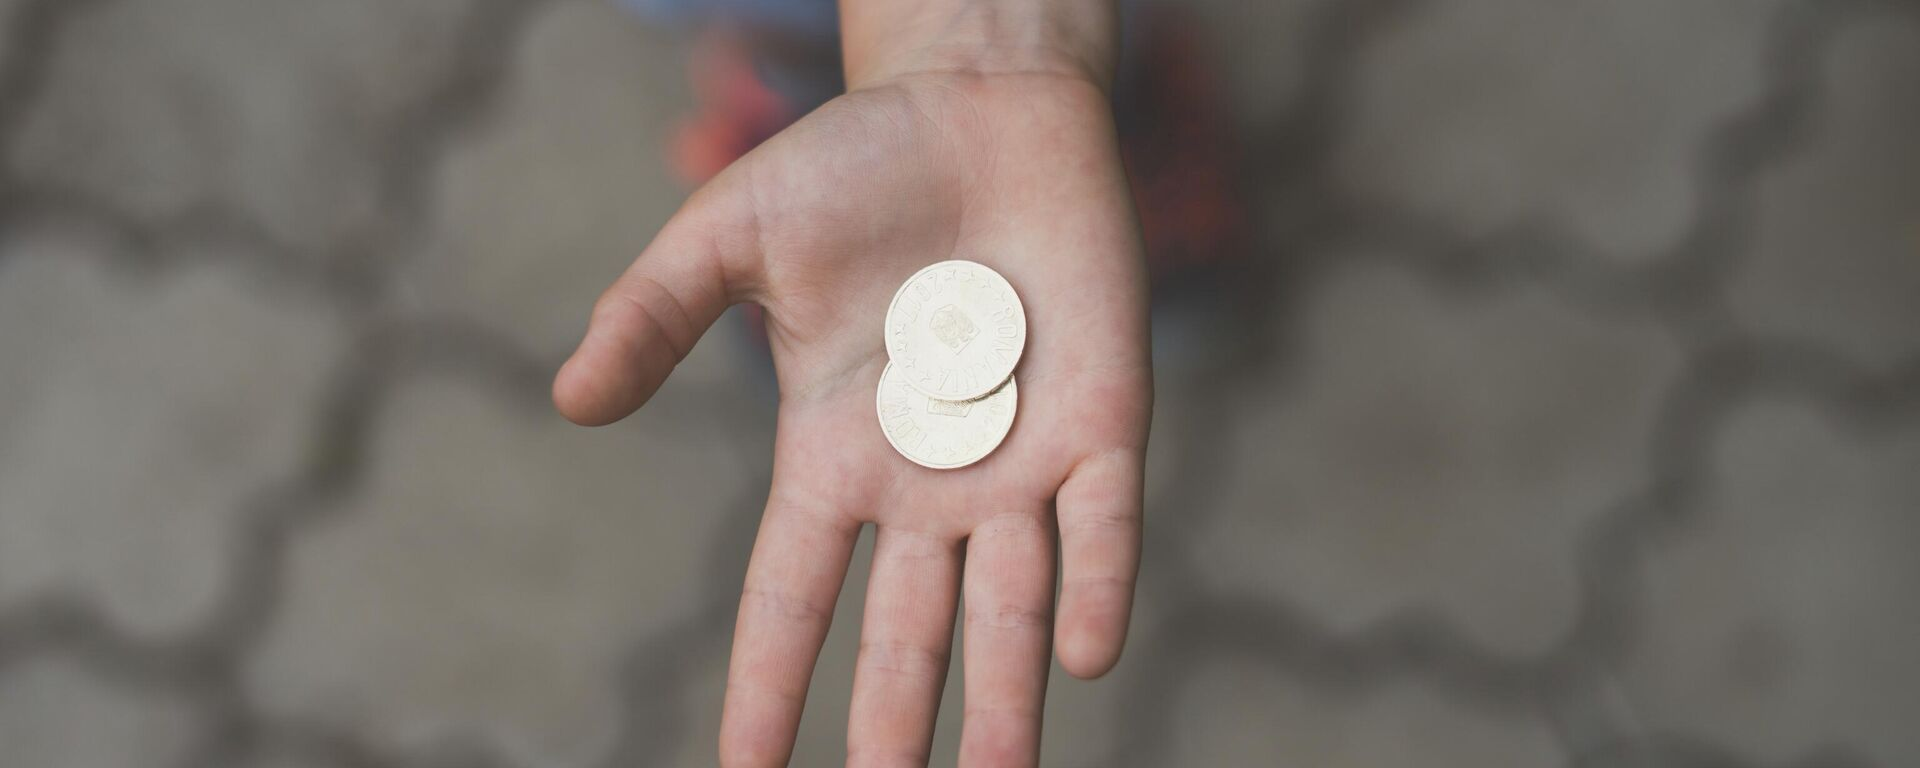 Монеты на ладони - Sputnik Узбекистан, 1920, 15.04.2021